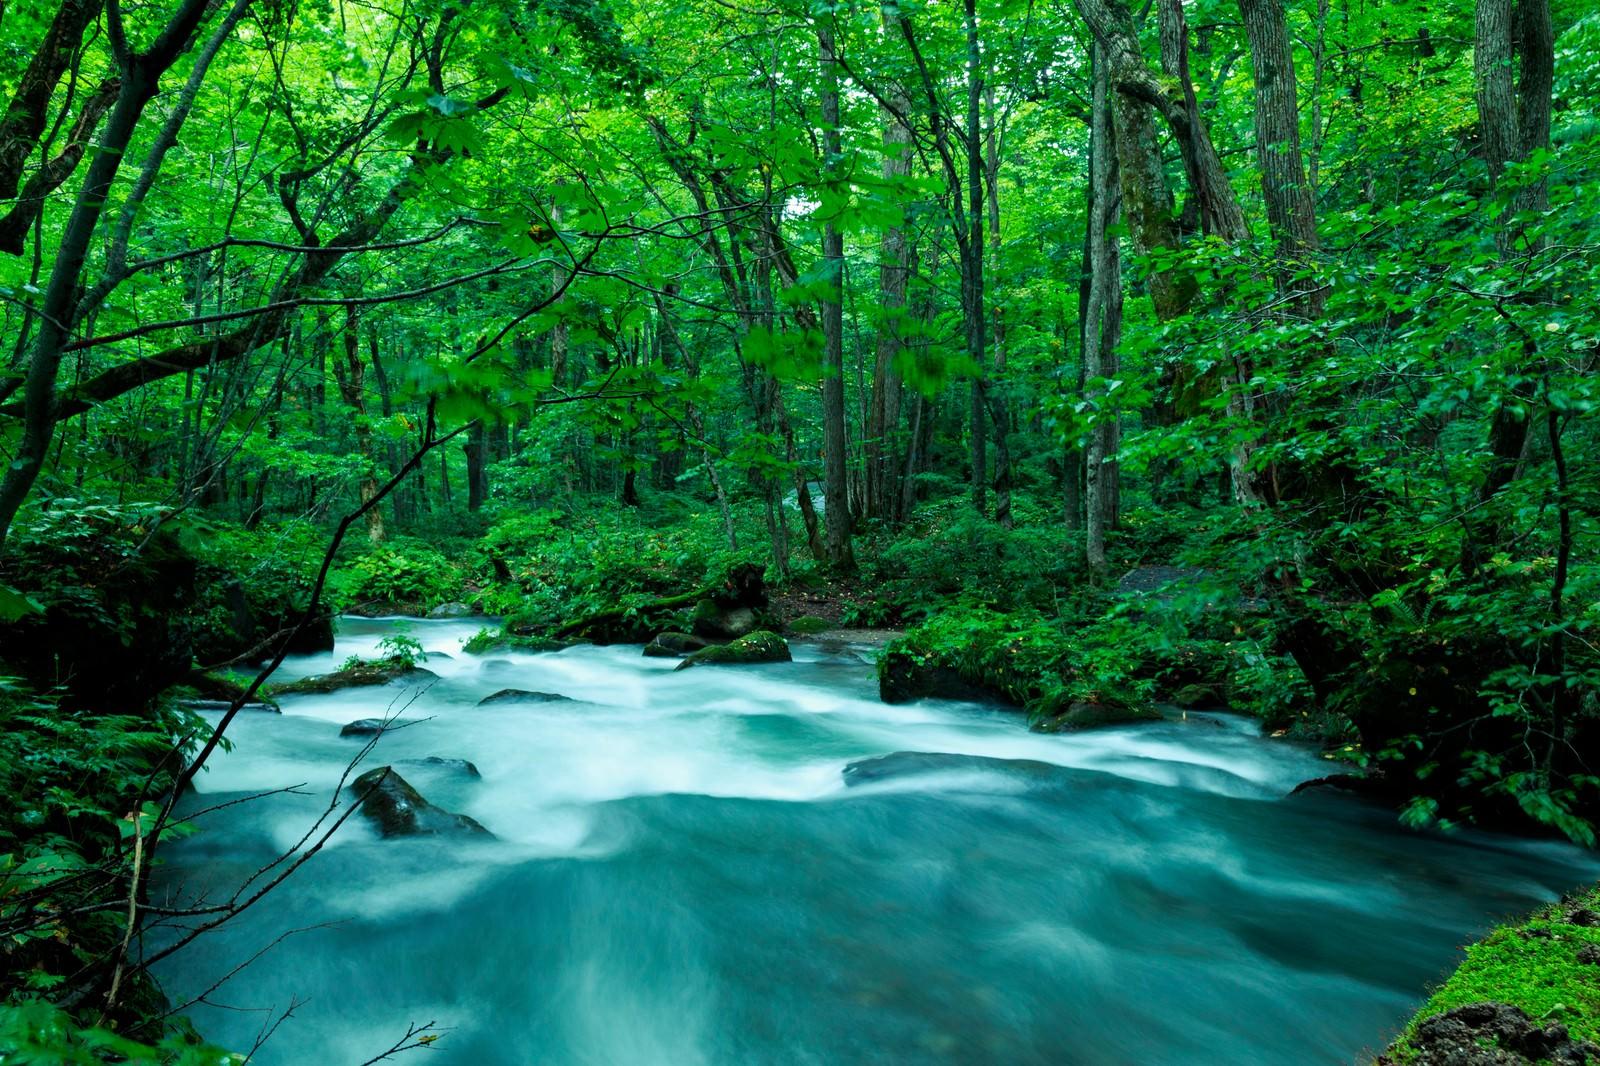 「奥入瀬渓流」の写真